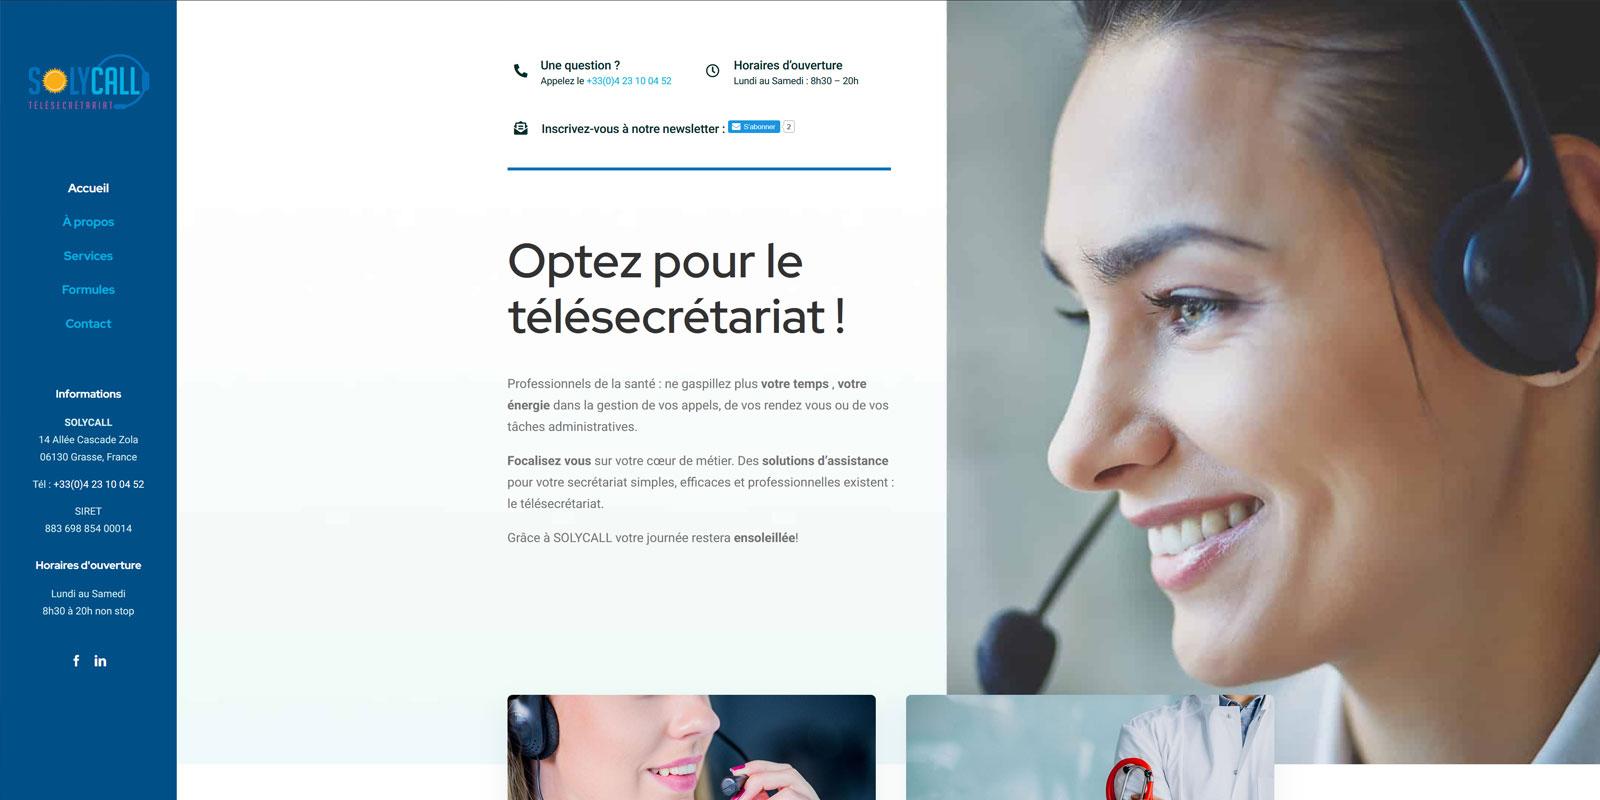 Référence - Solycall : agence experte en services de télésecrétariat pour professionnels de la santé - Netcom Agency - Communication numérique